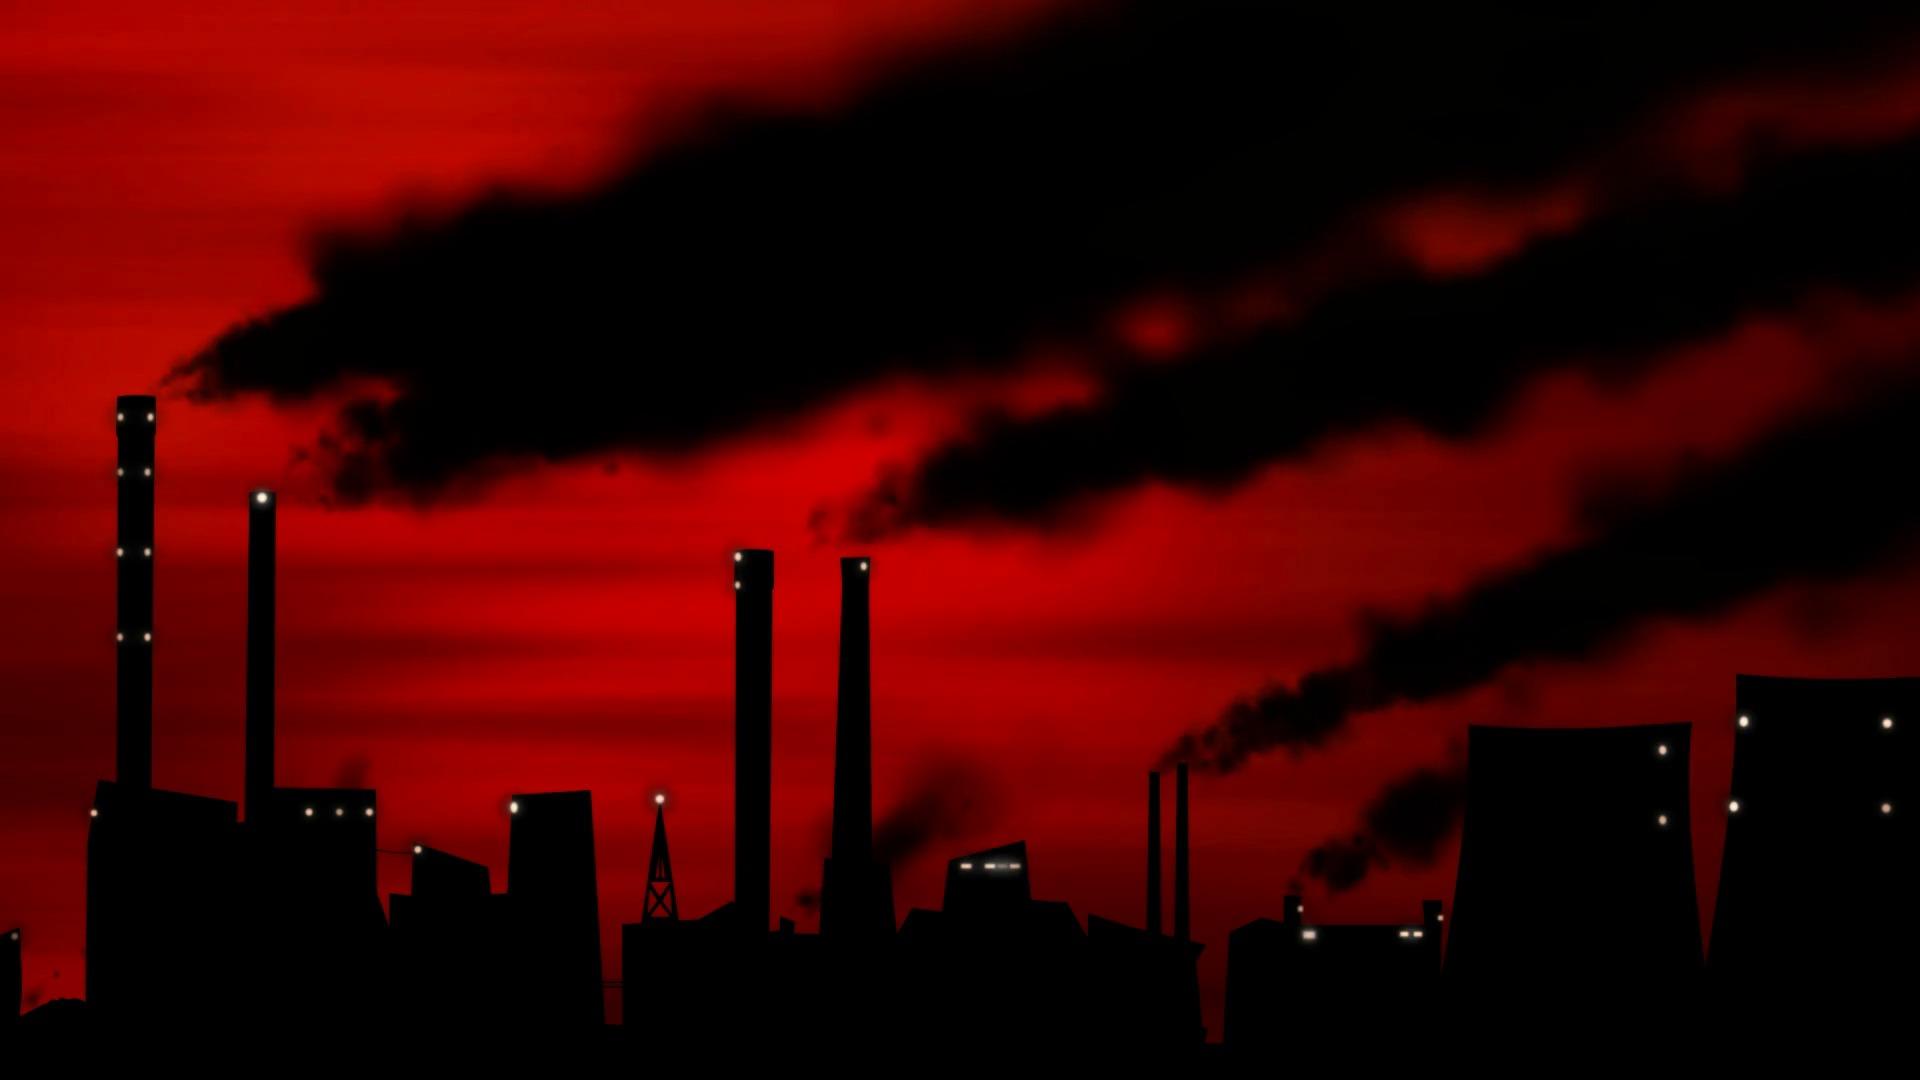 Divulgador científico Bill Nye realiza llamativo video donde entrega potente mensaje sobre el cambio climático